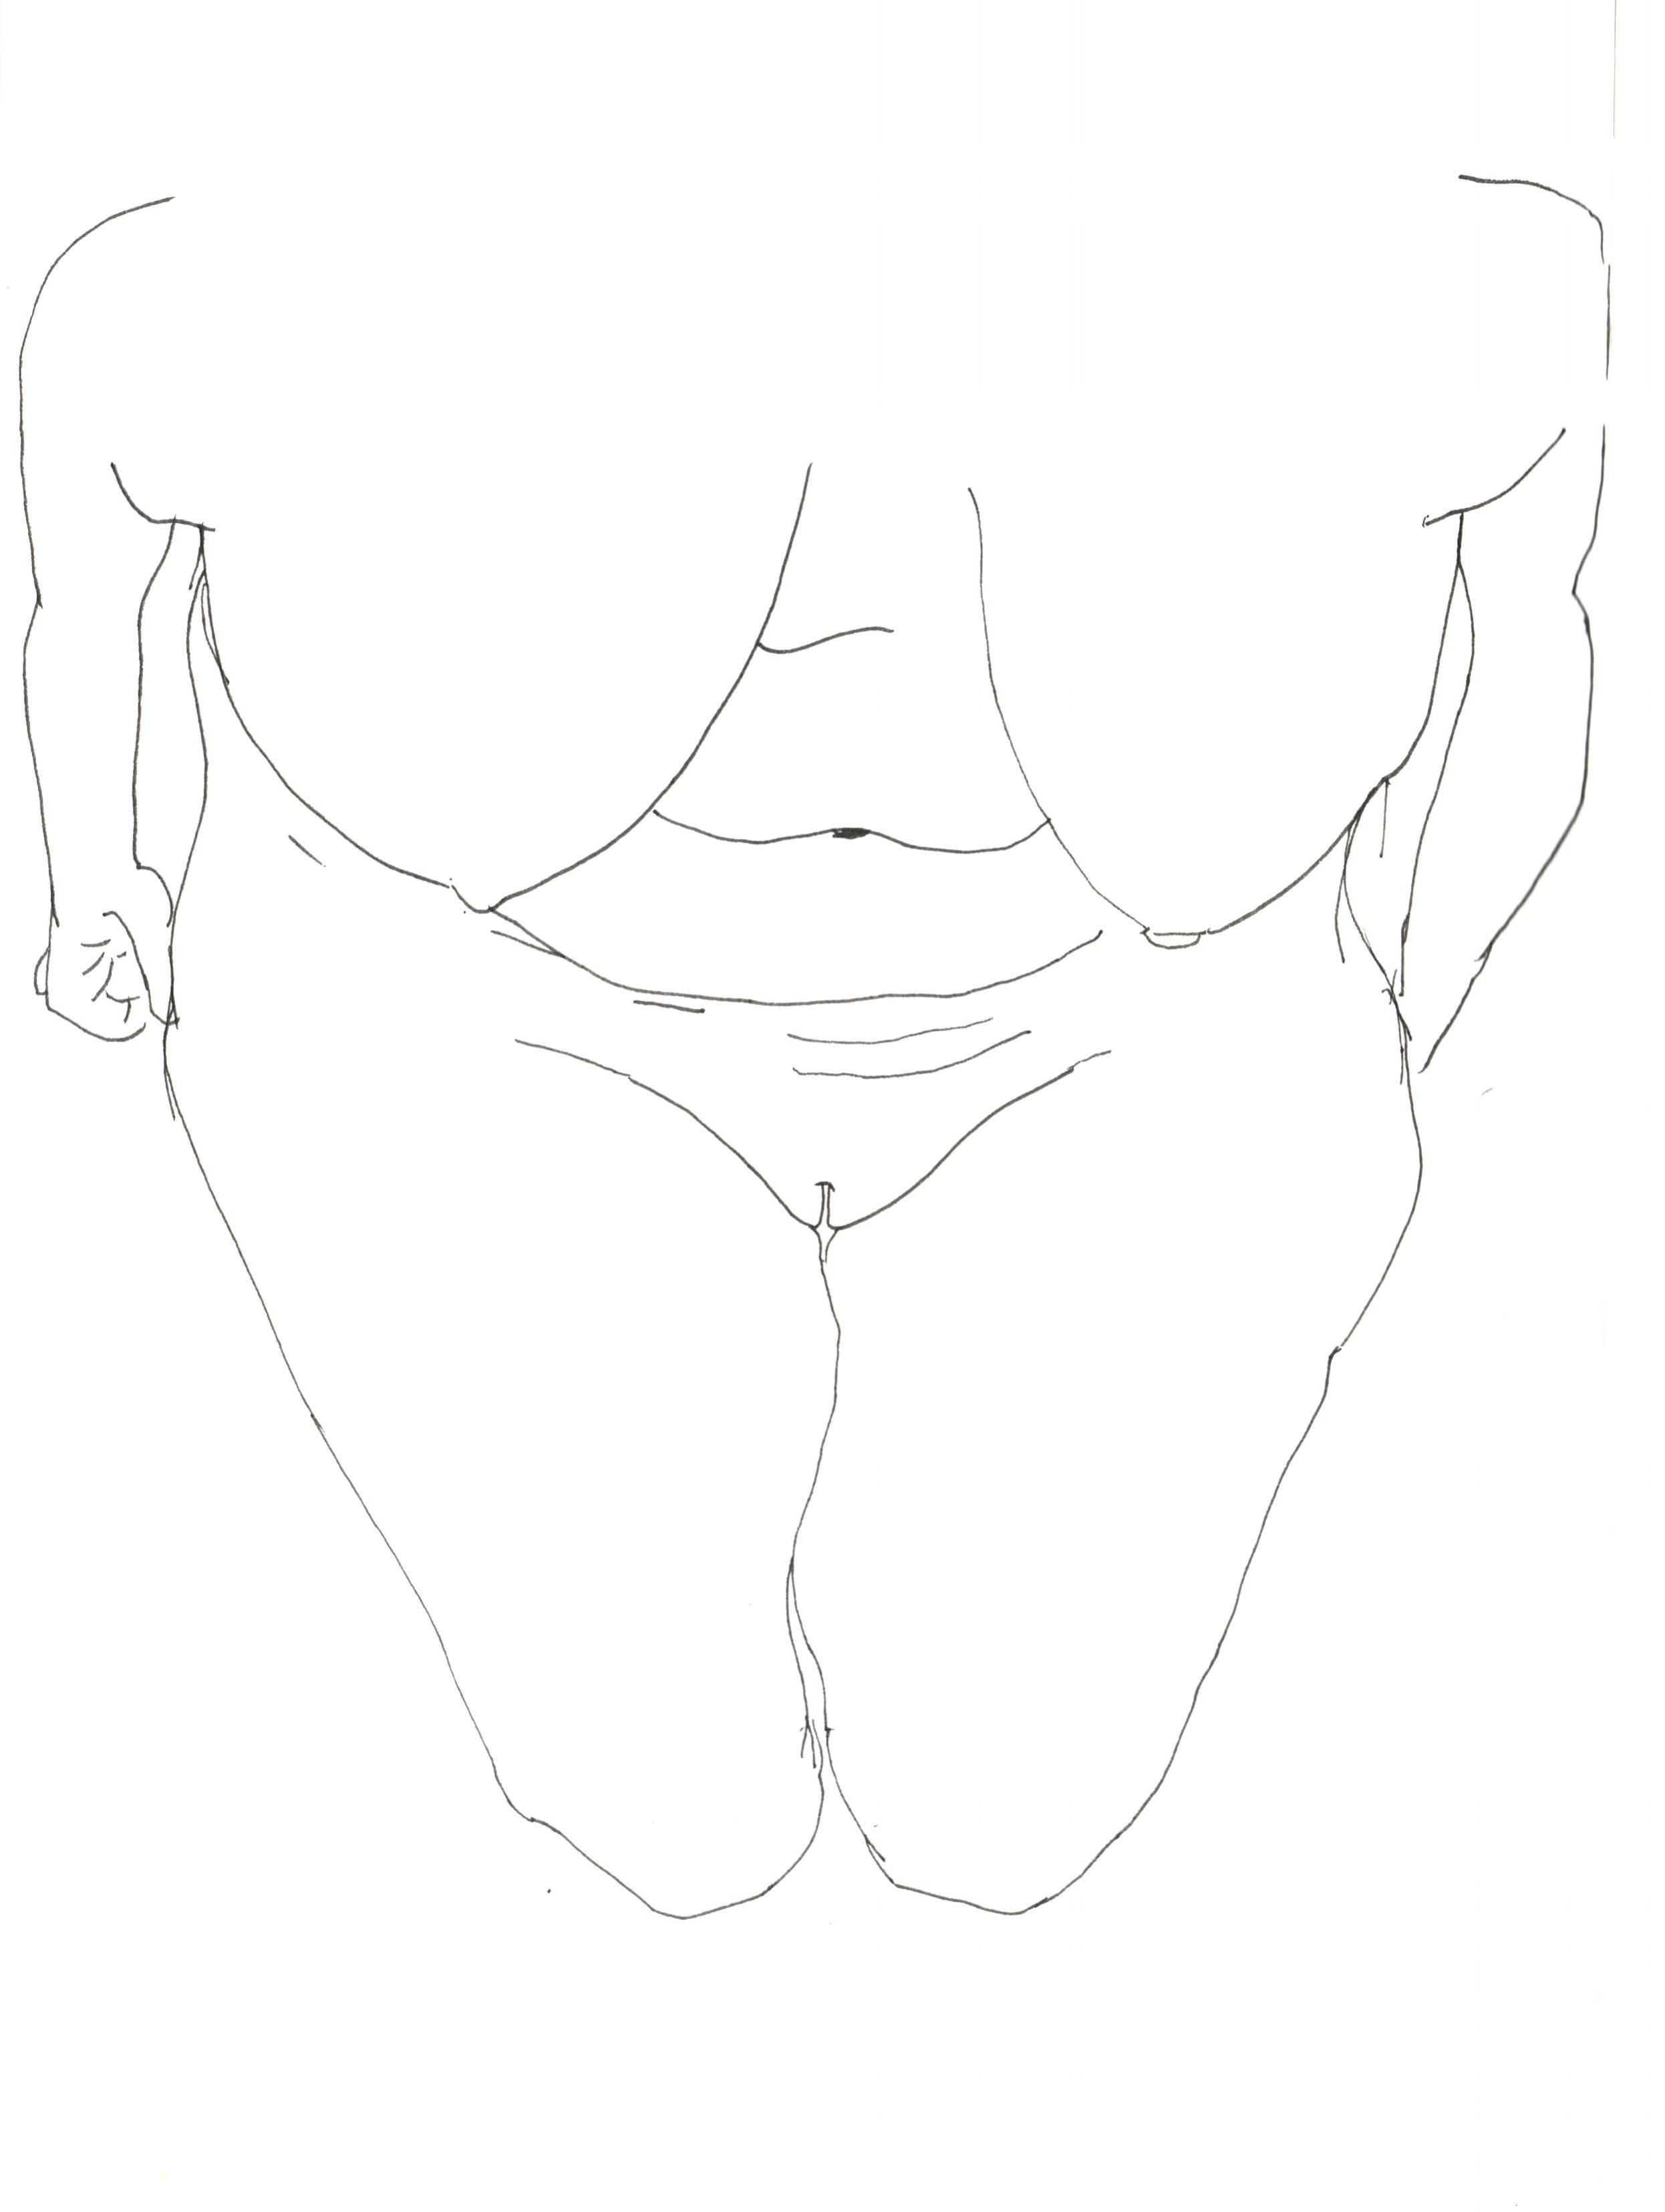 Körperbetrachtung S1